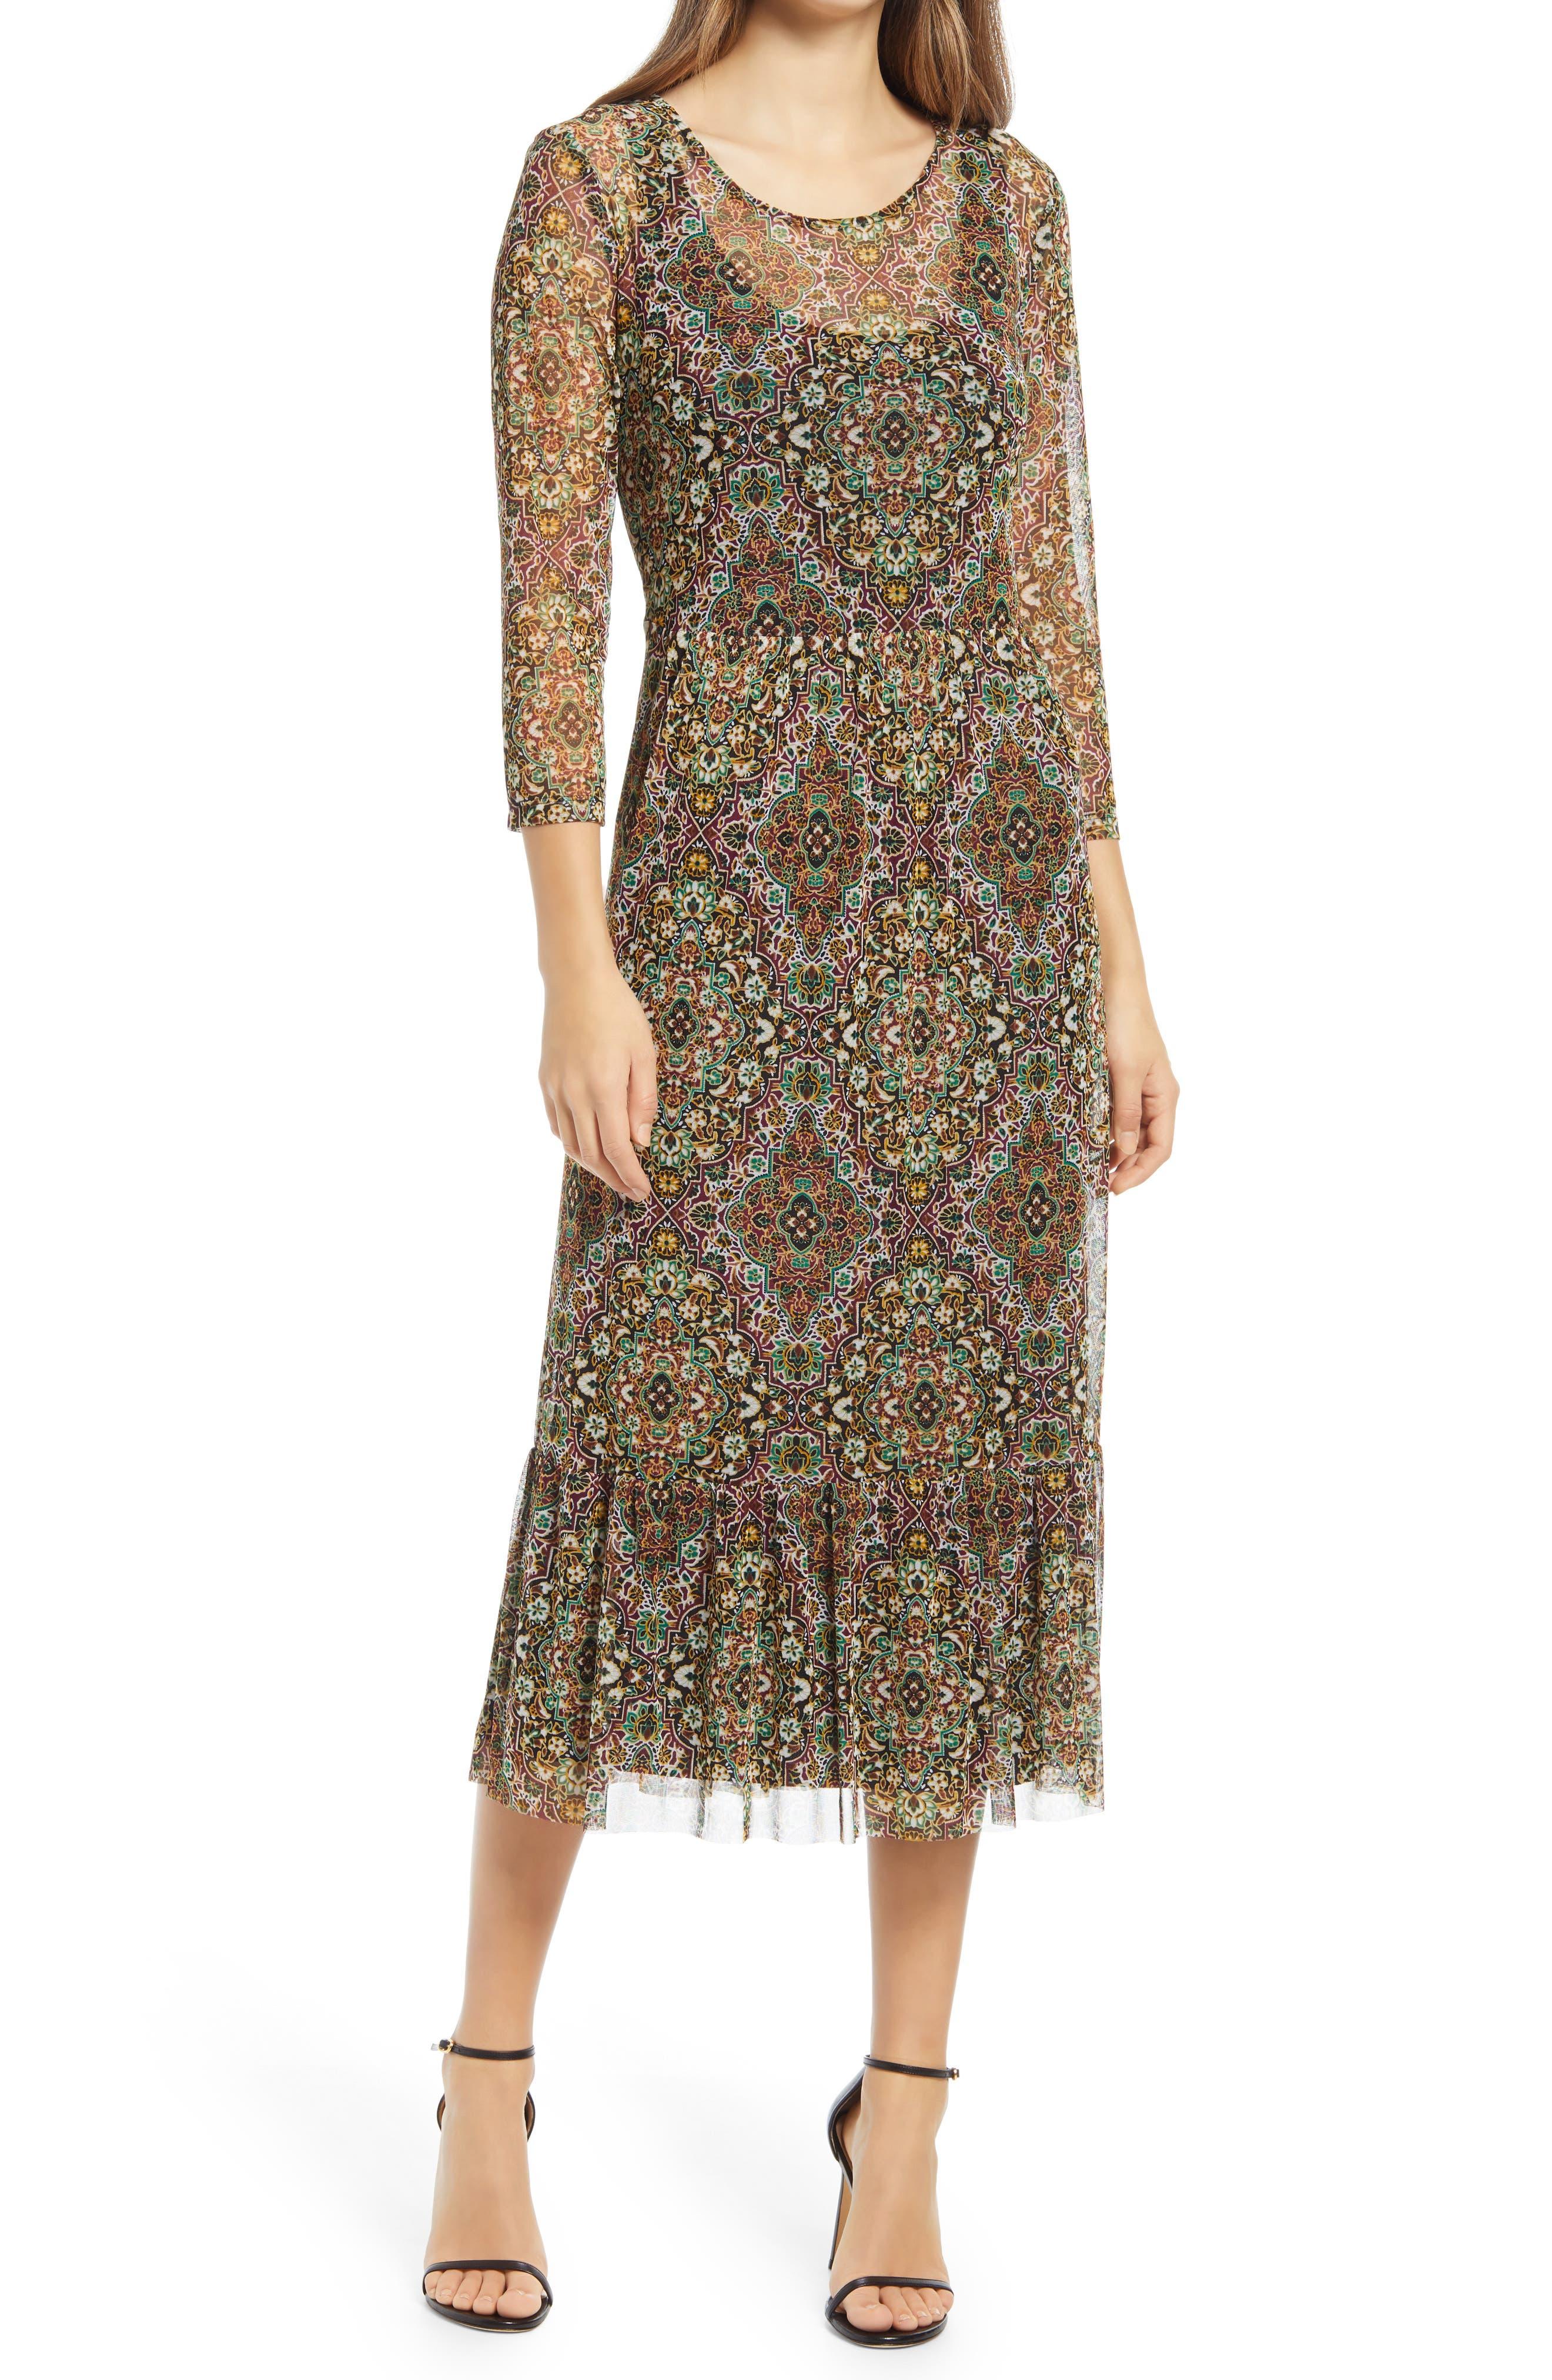 Moorish Print Mesh Long Sleeve Midi Dress